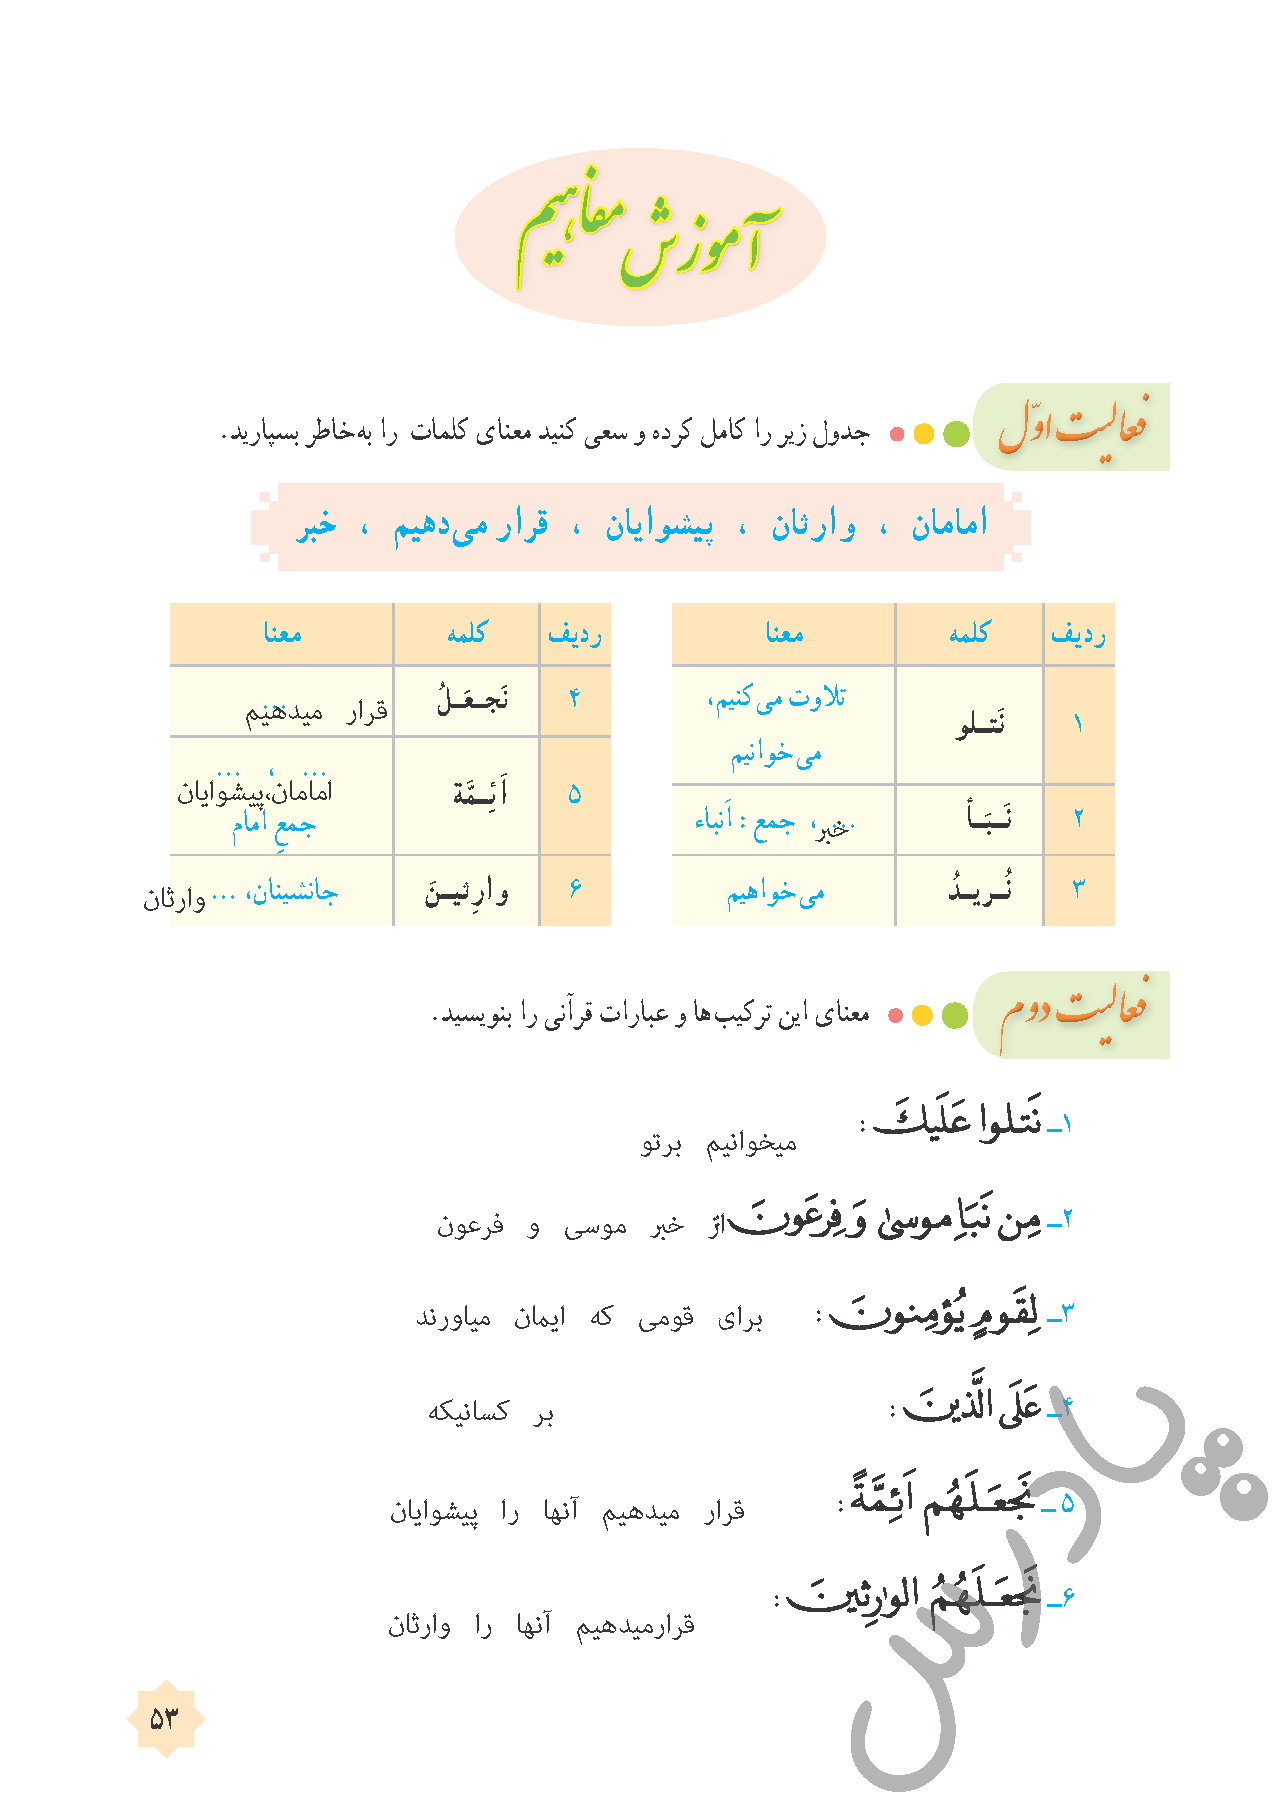 پاسخ فعالیت های درس 5 قرآن هشتم - جلسه اول